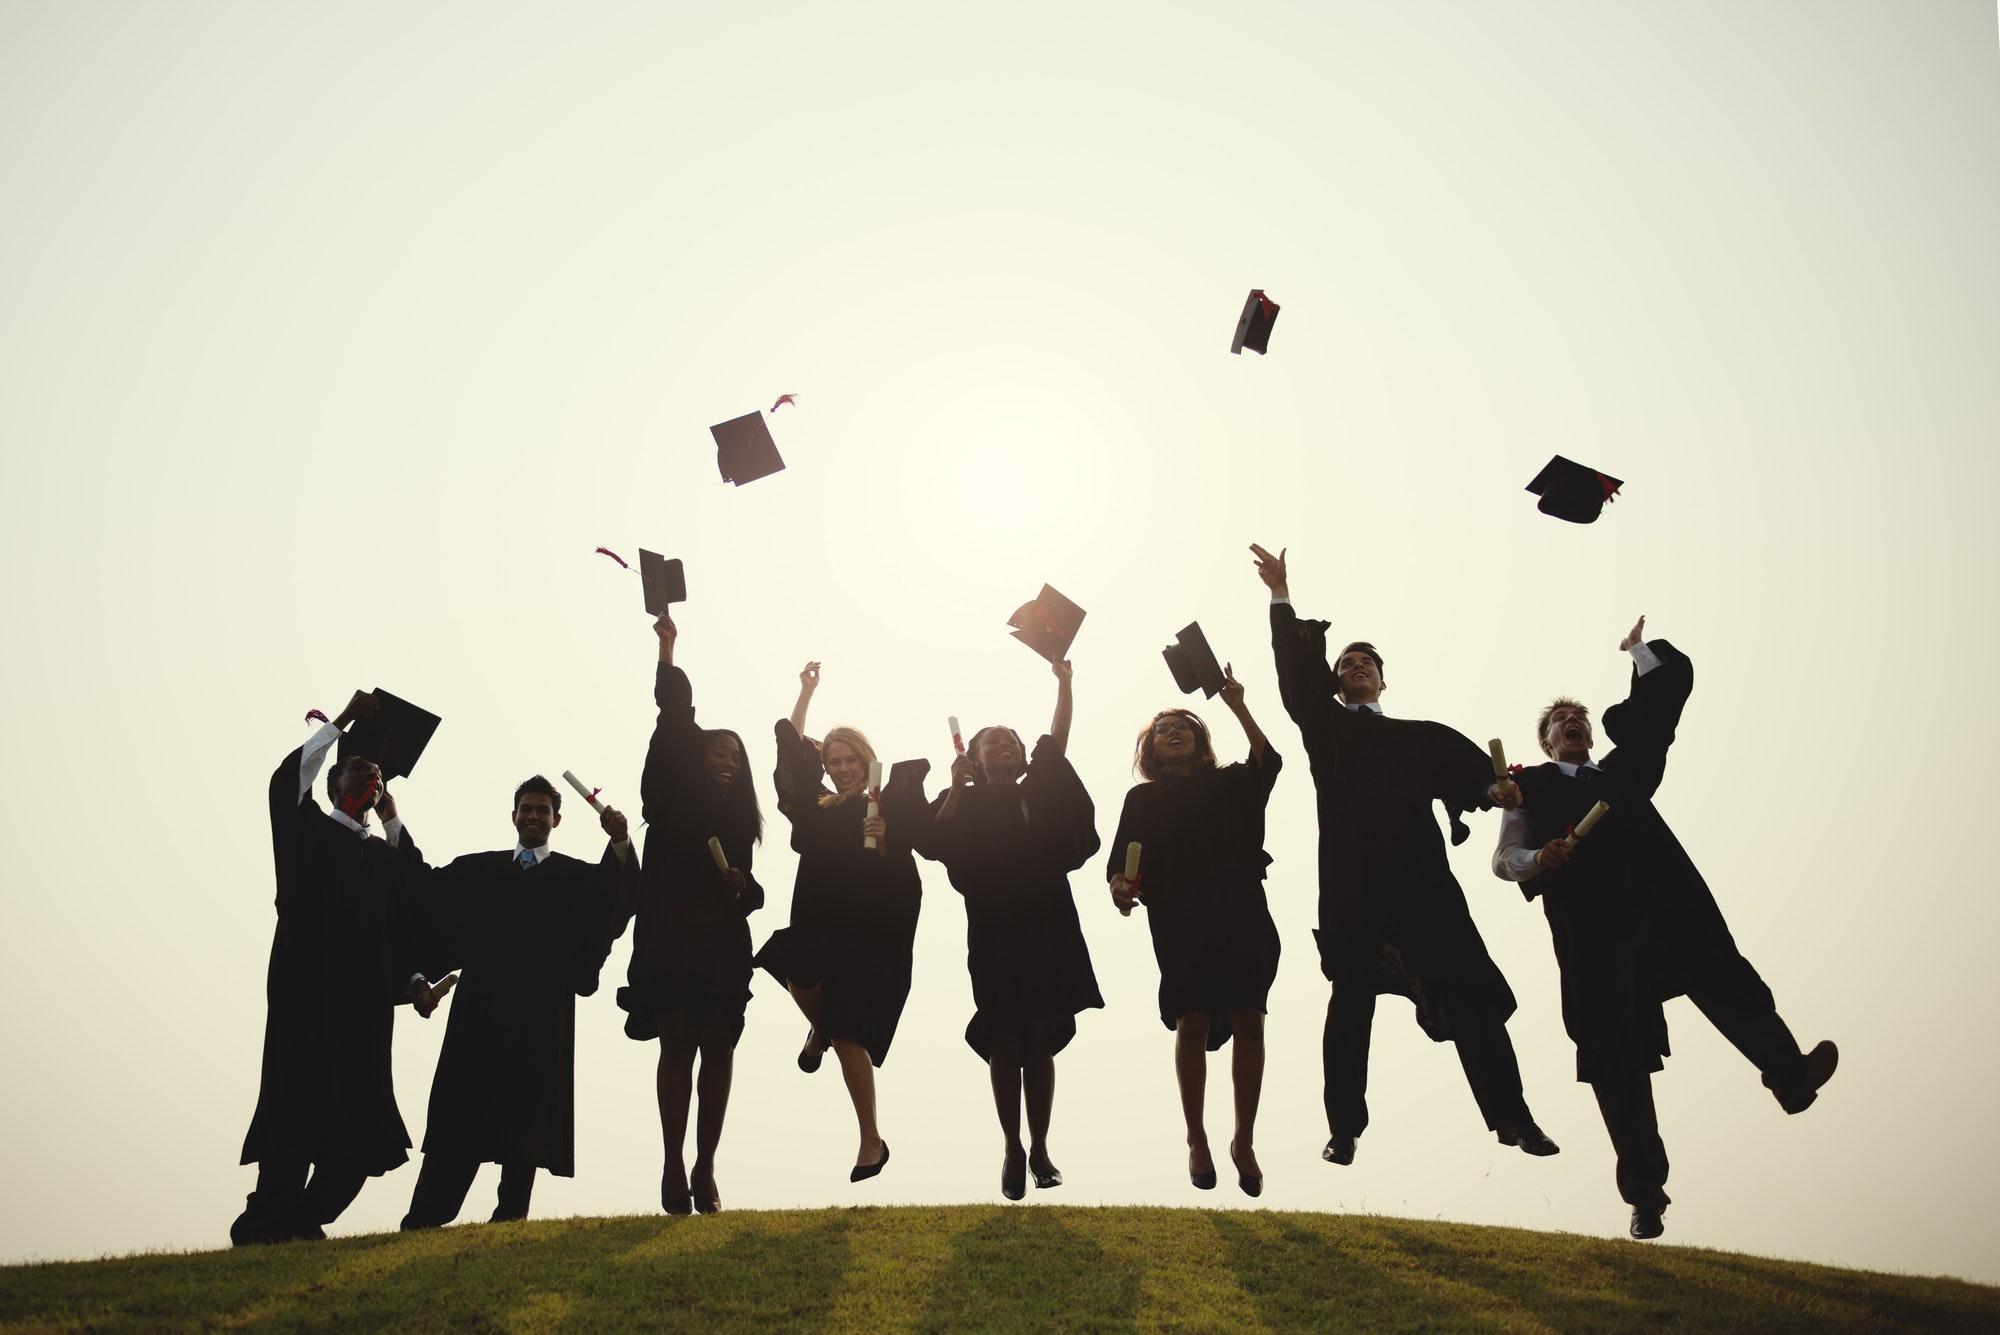 Pozor, apsolventi: Ovih 13 studentskih stvari i luksuza završit će kad napunite 23 godine i dobijete diplomu